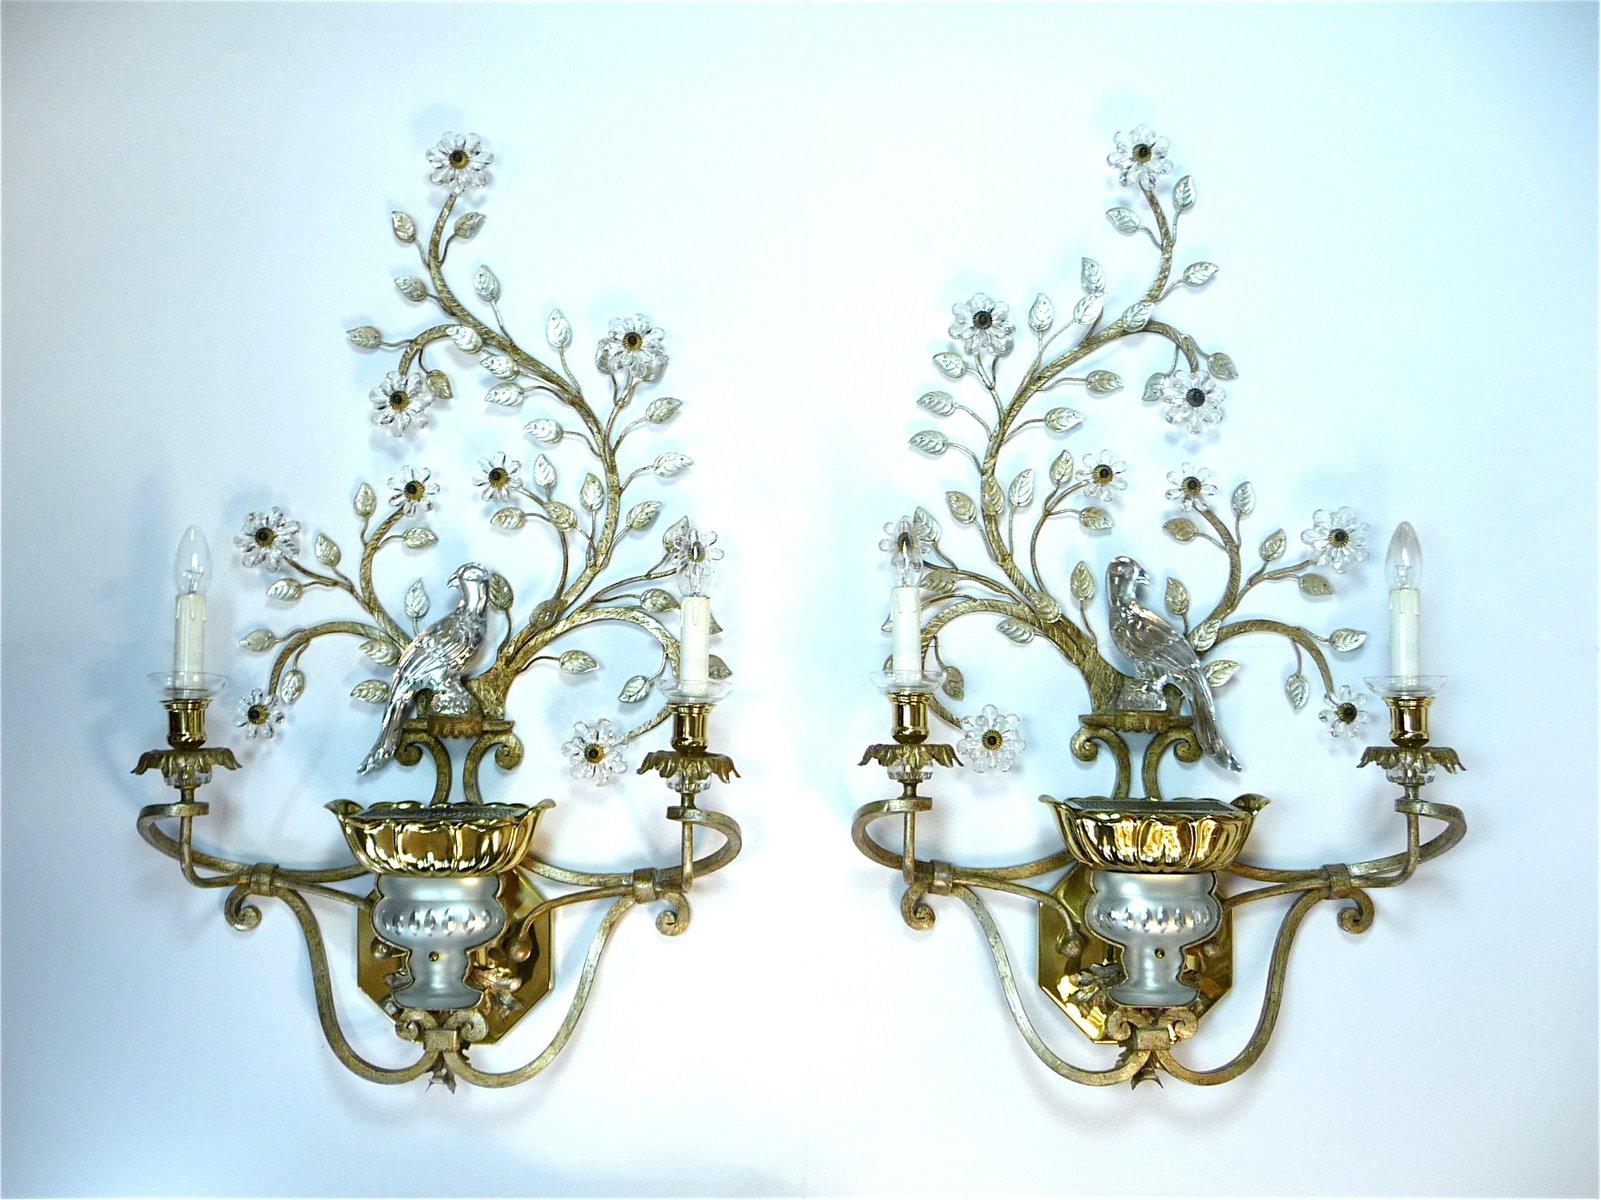 Große vergoldete Metall & Kristallglas Wandleuchten von Maison Baguès,...